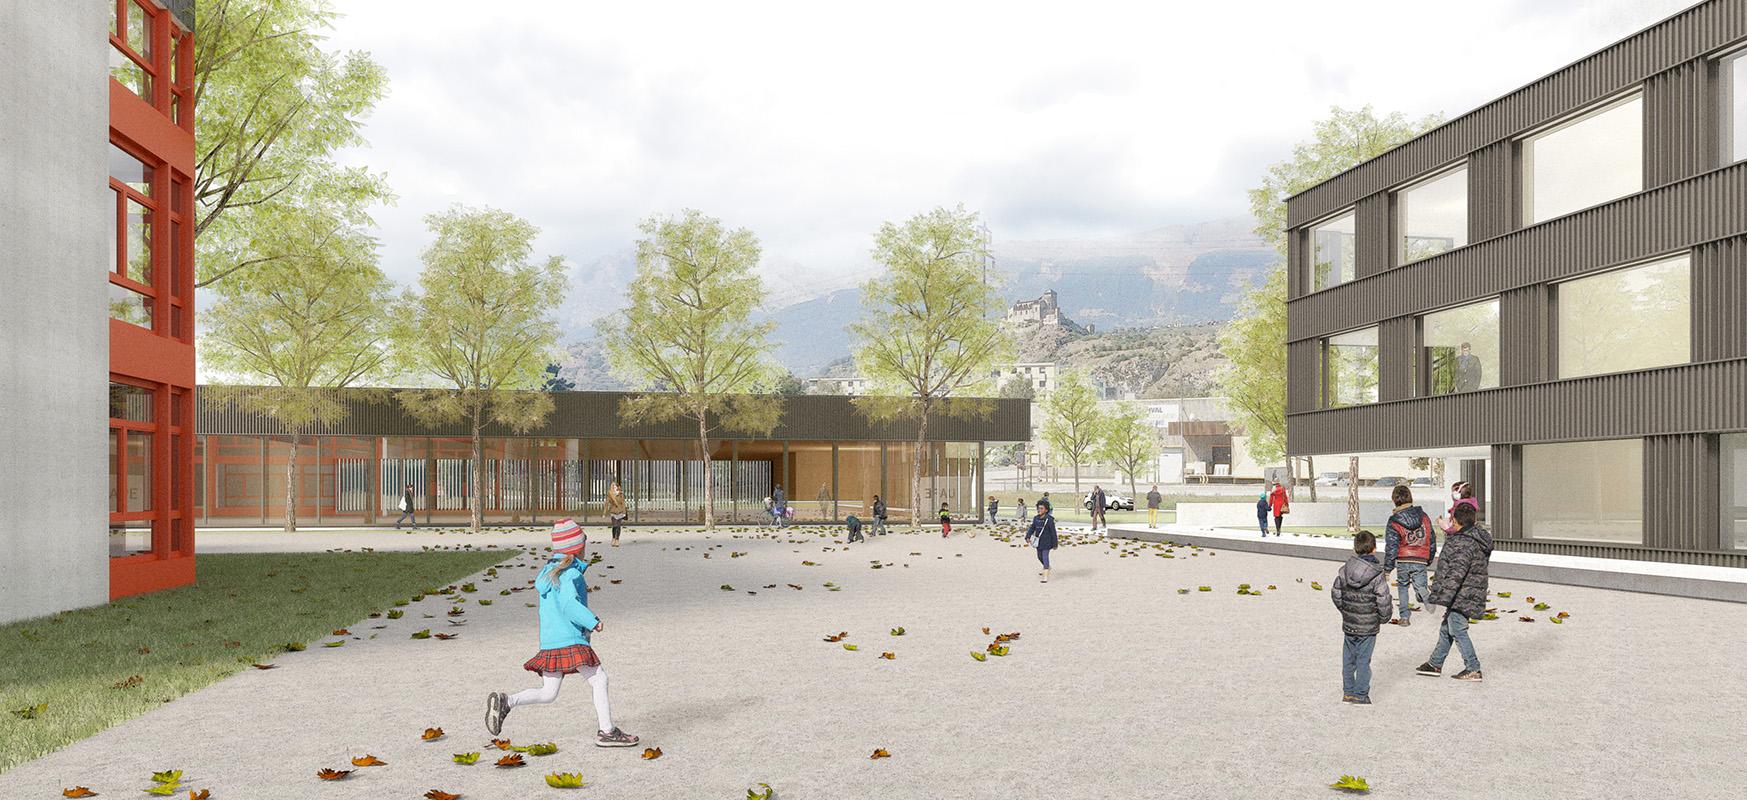 concours de projets pour l'extension du centre scolaire de champsec, la construction d'une salle de gymnastique et d'une UAPE - 2018 - cheseauxrey sàrl